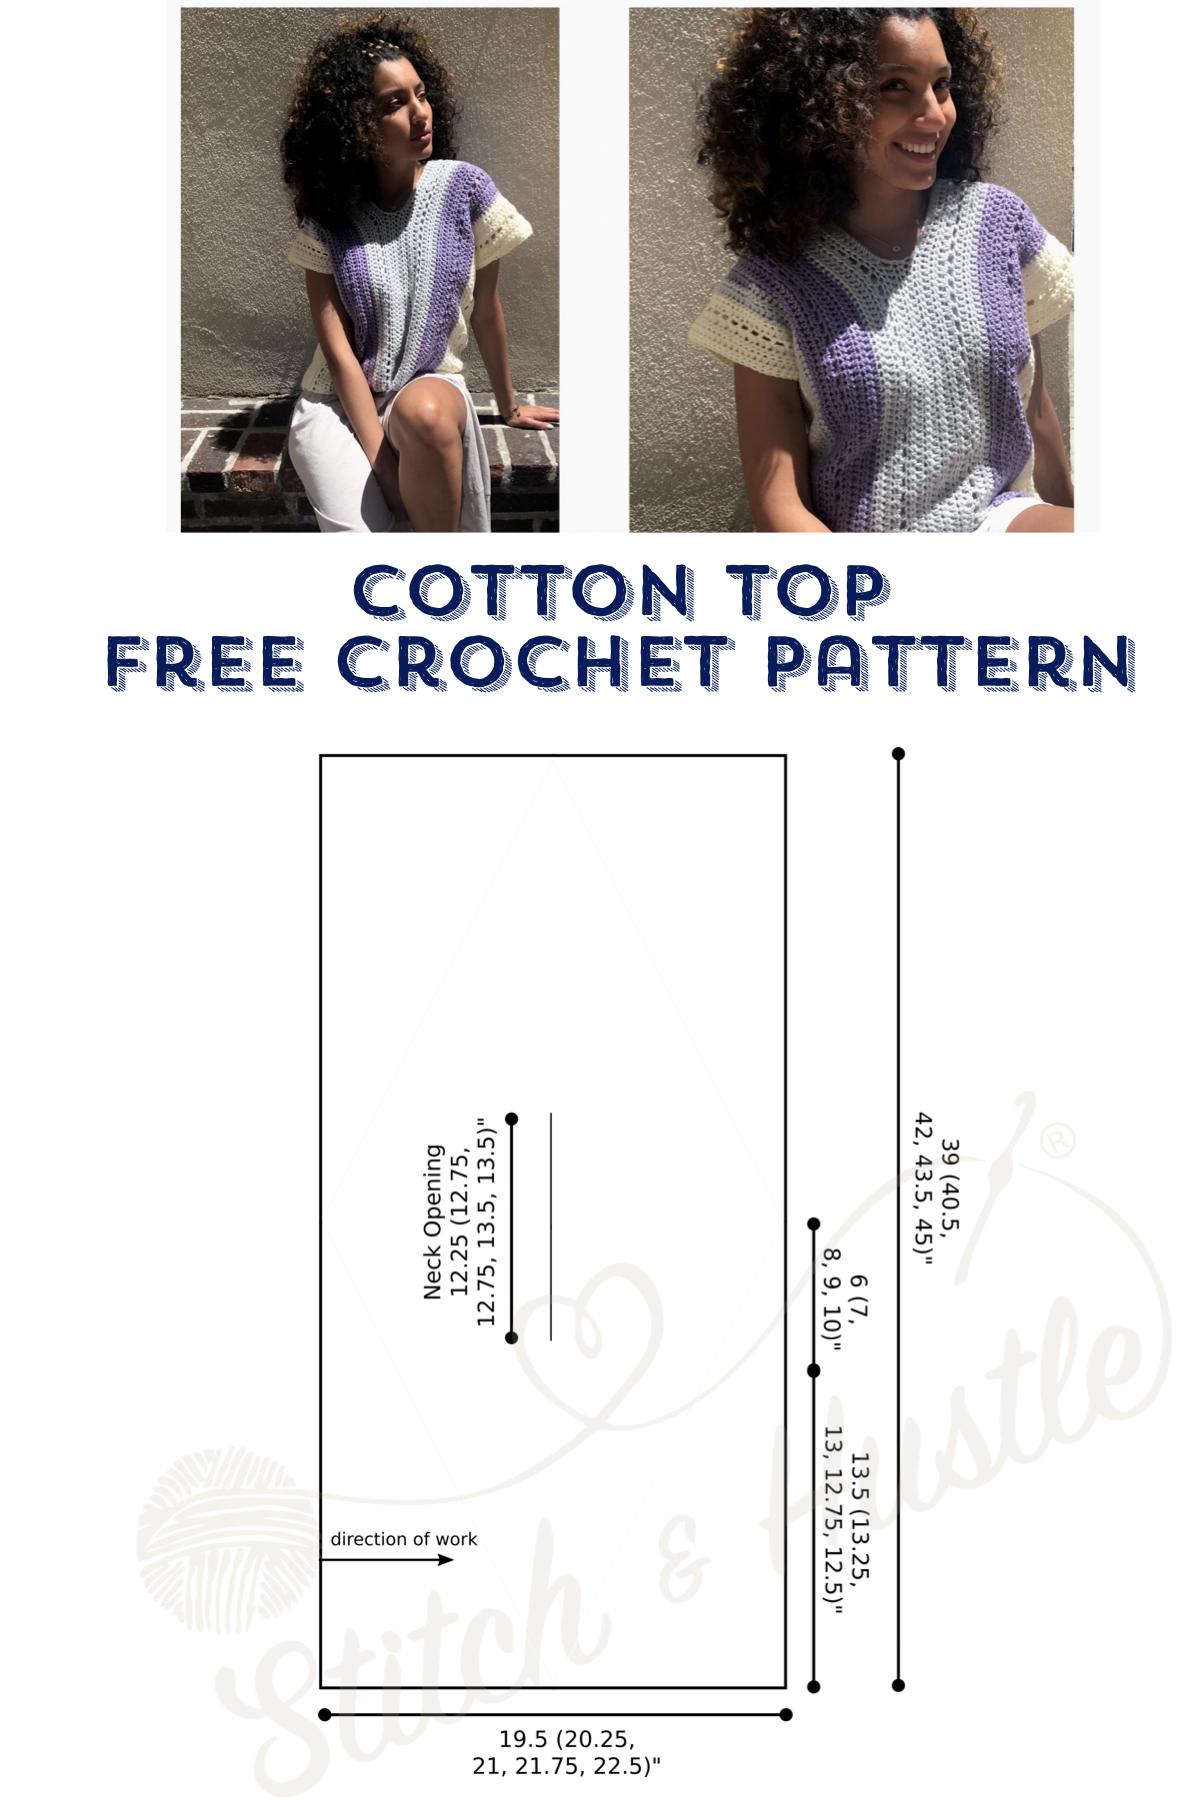 Riviera-crochet-top-free-pattern-stitch-and-hustle-schema.jpeg